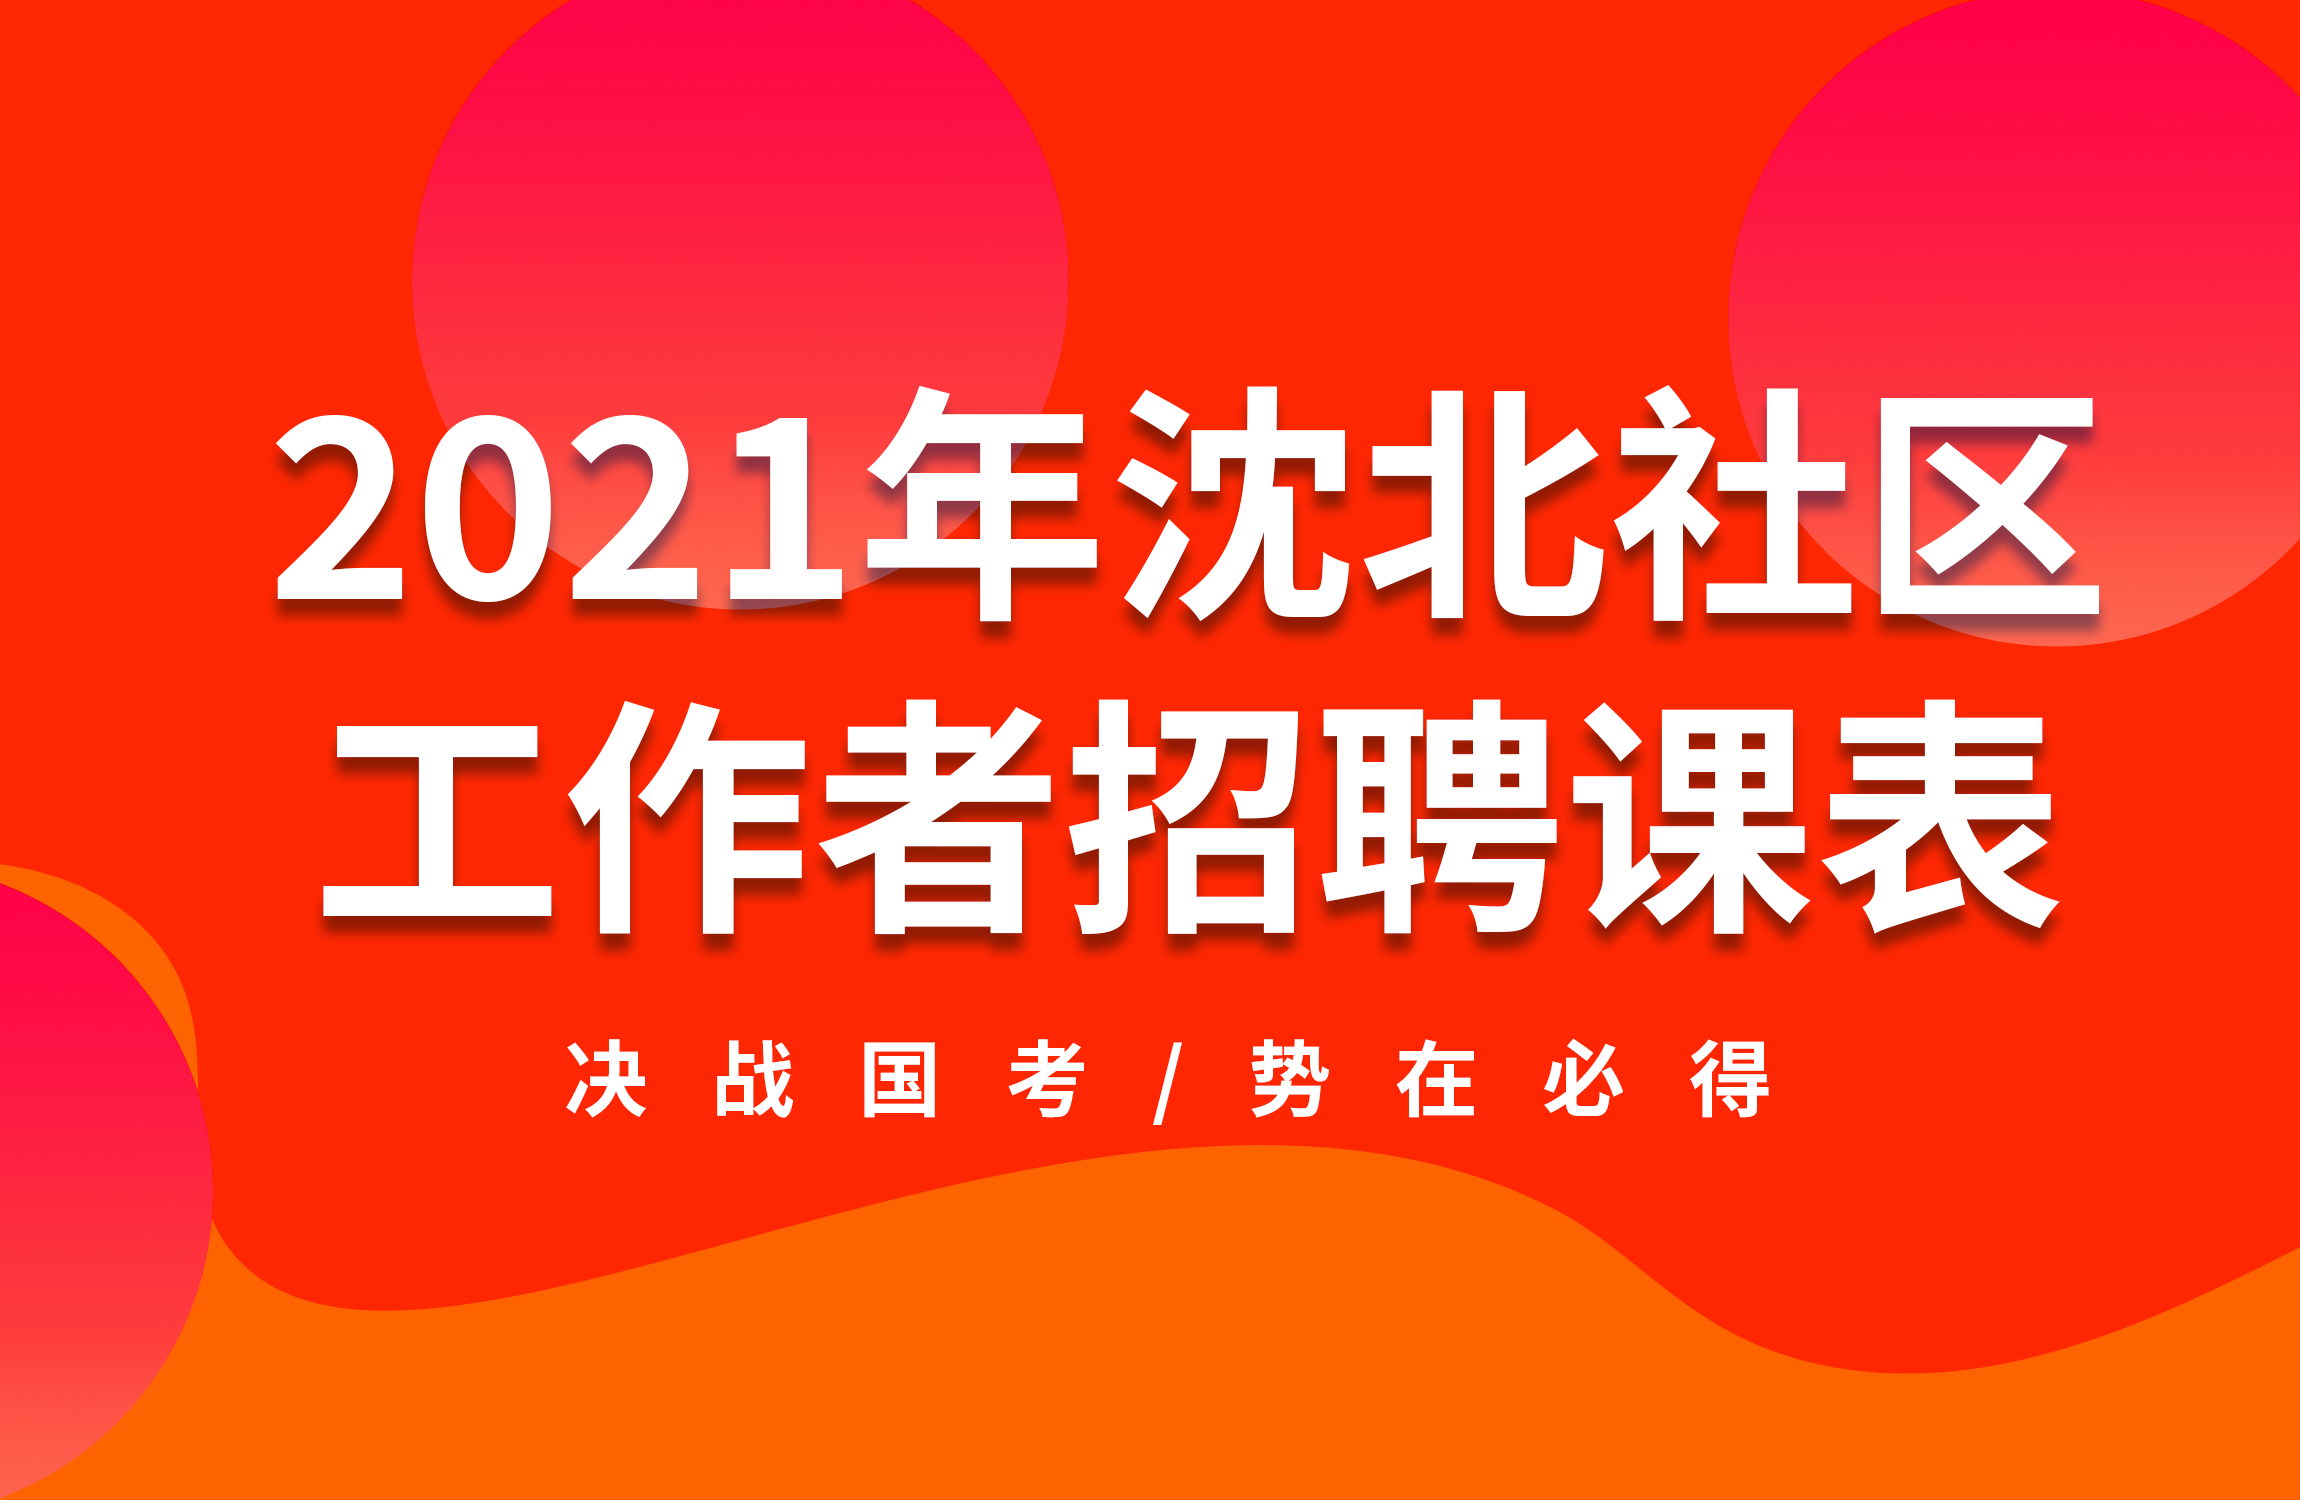 2021年沈北社区工作者招聘课表